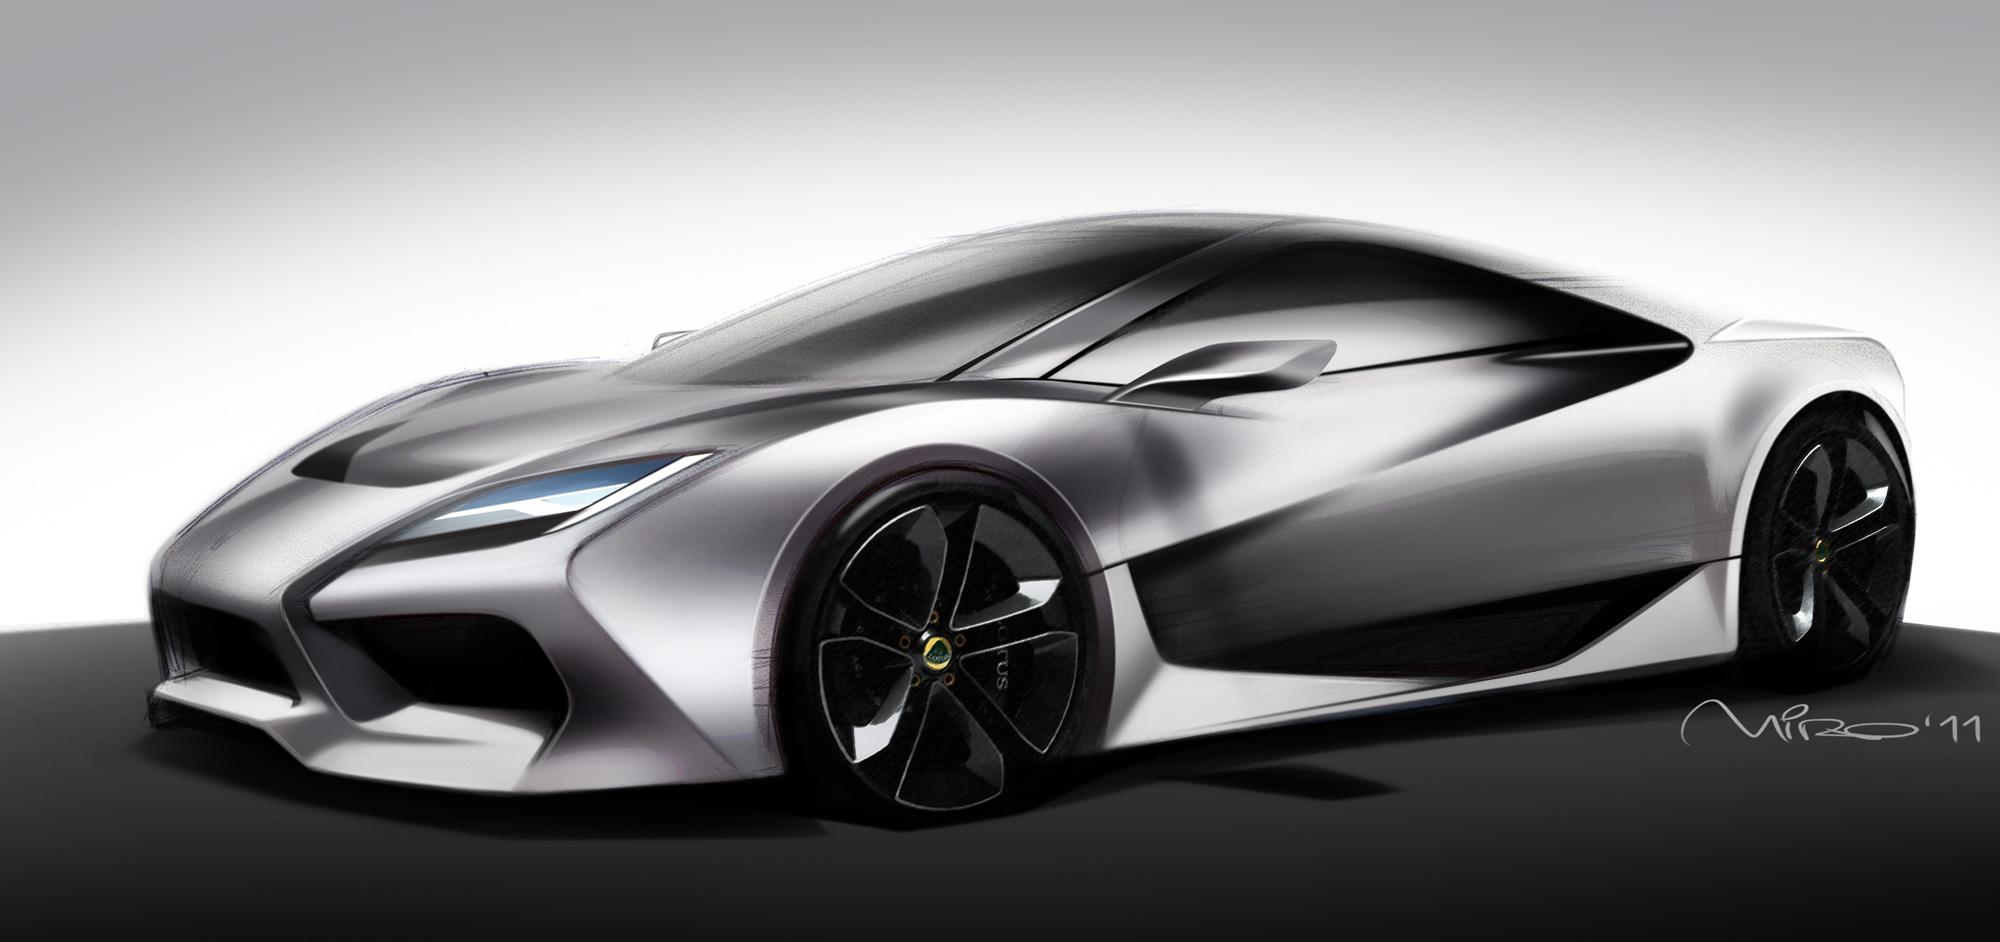 Lotus Esprit Design Sketch by Miroslav Dimitrov